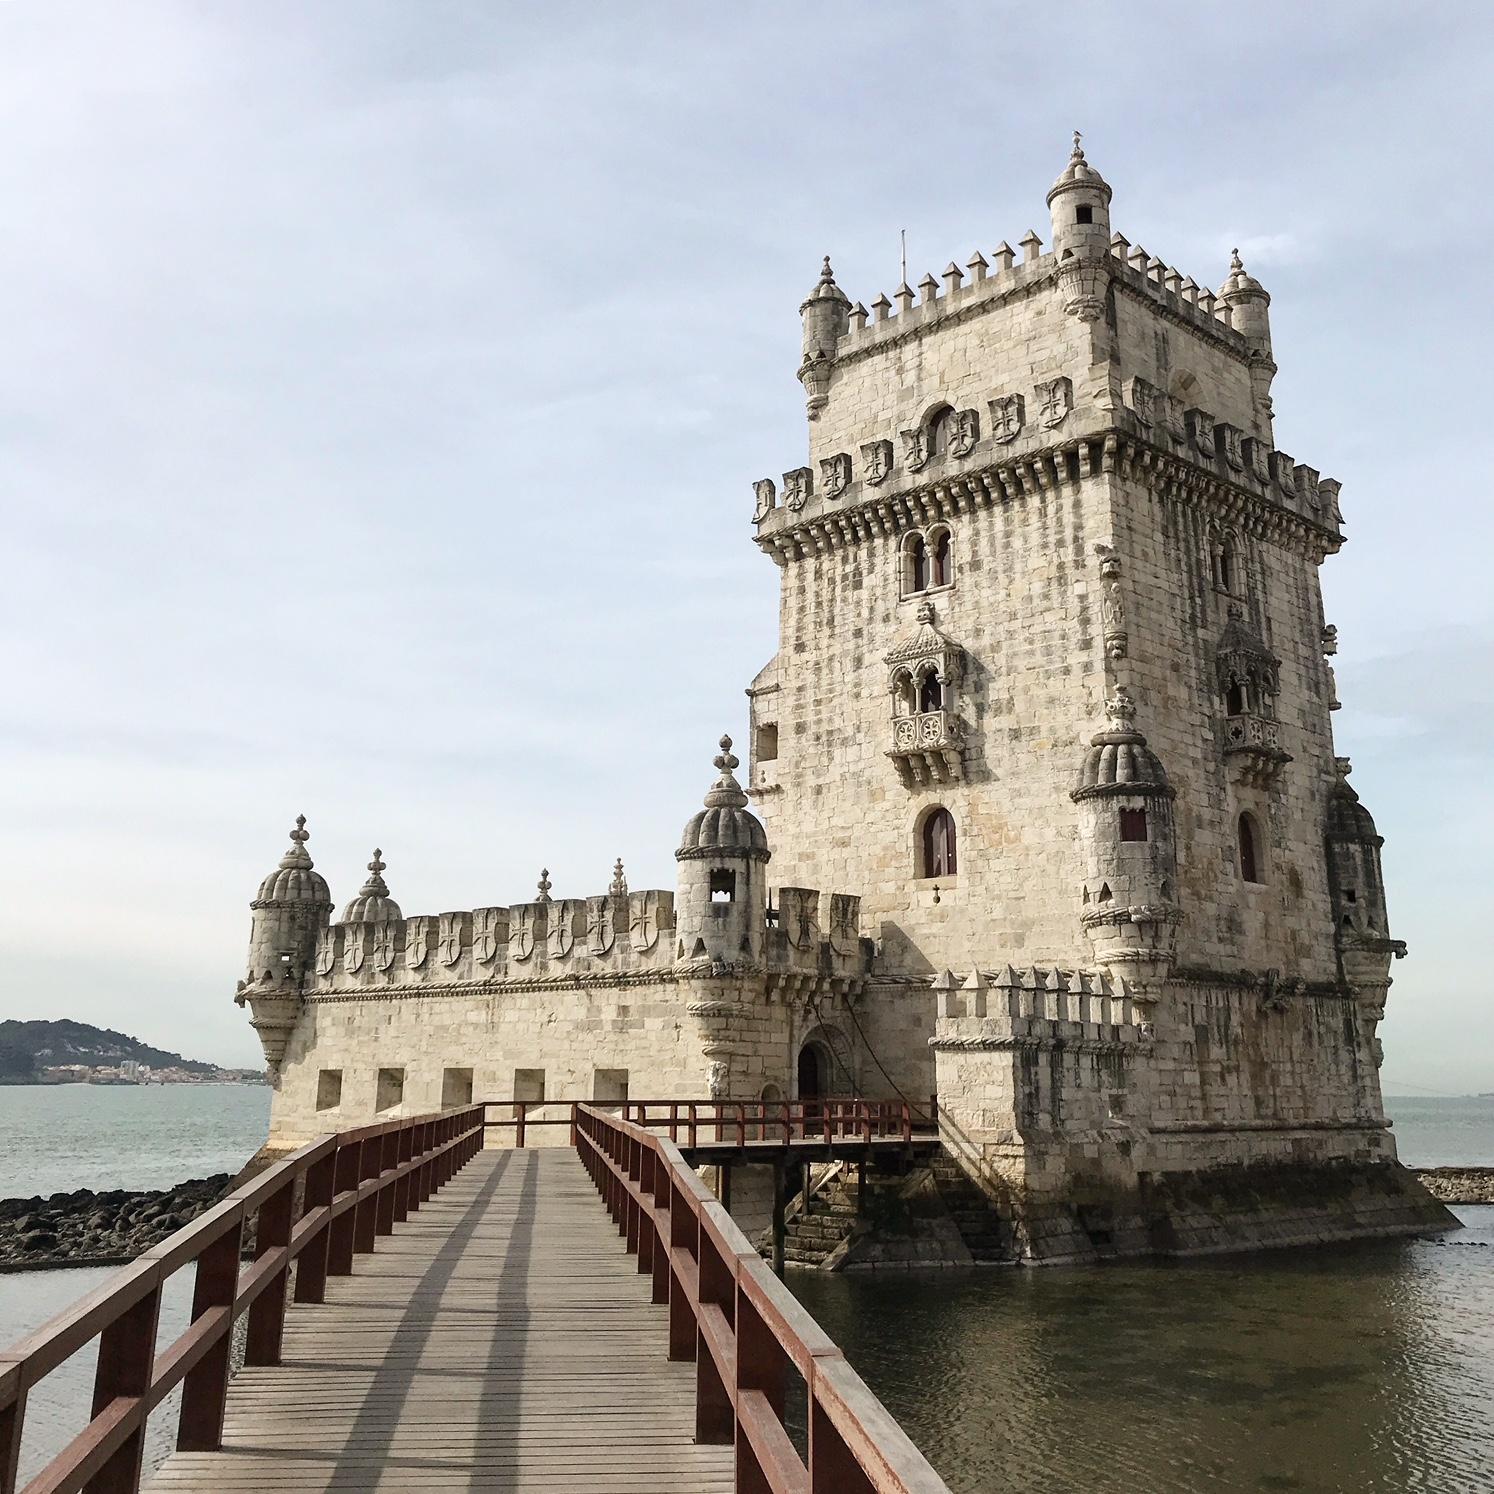 Torre De Belém Lisbon Portugal